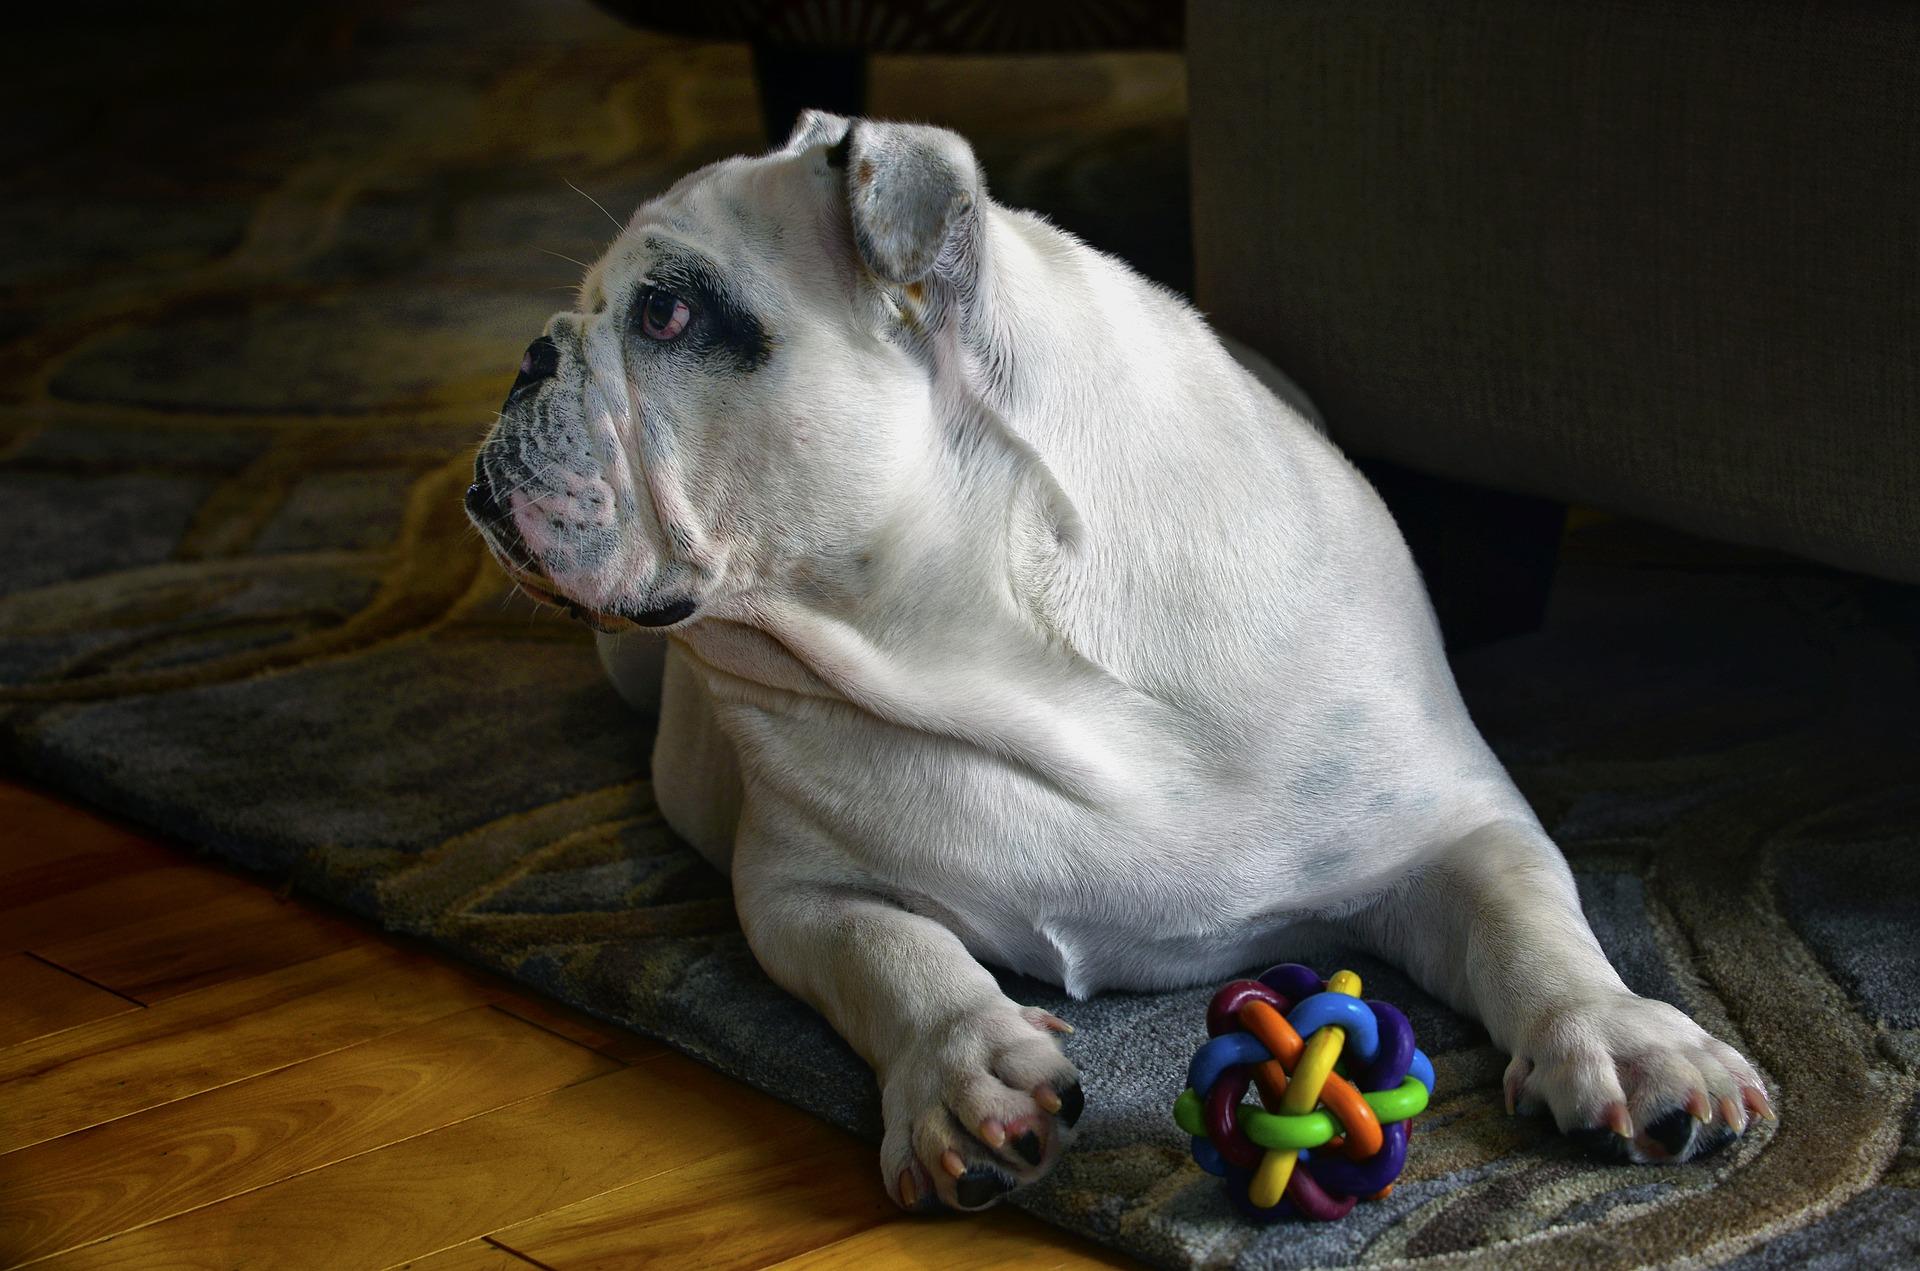 dog, dog toy, dog toys, bulldog